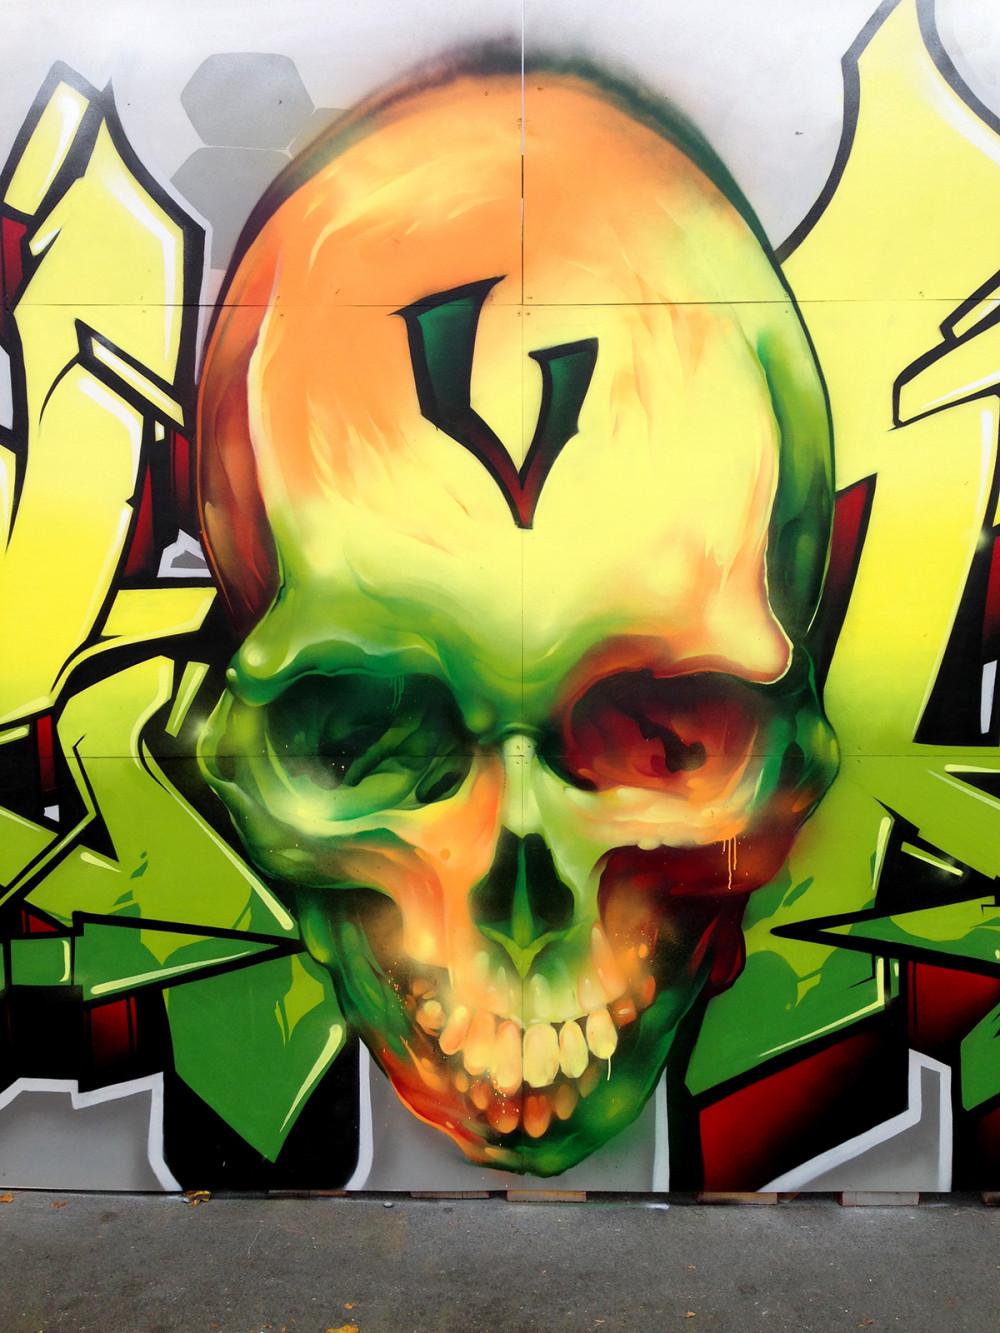 rmer-bristol-cardiff-graffitiart1web